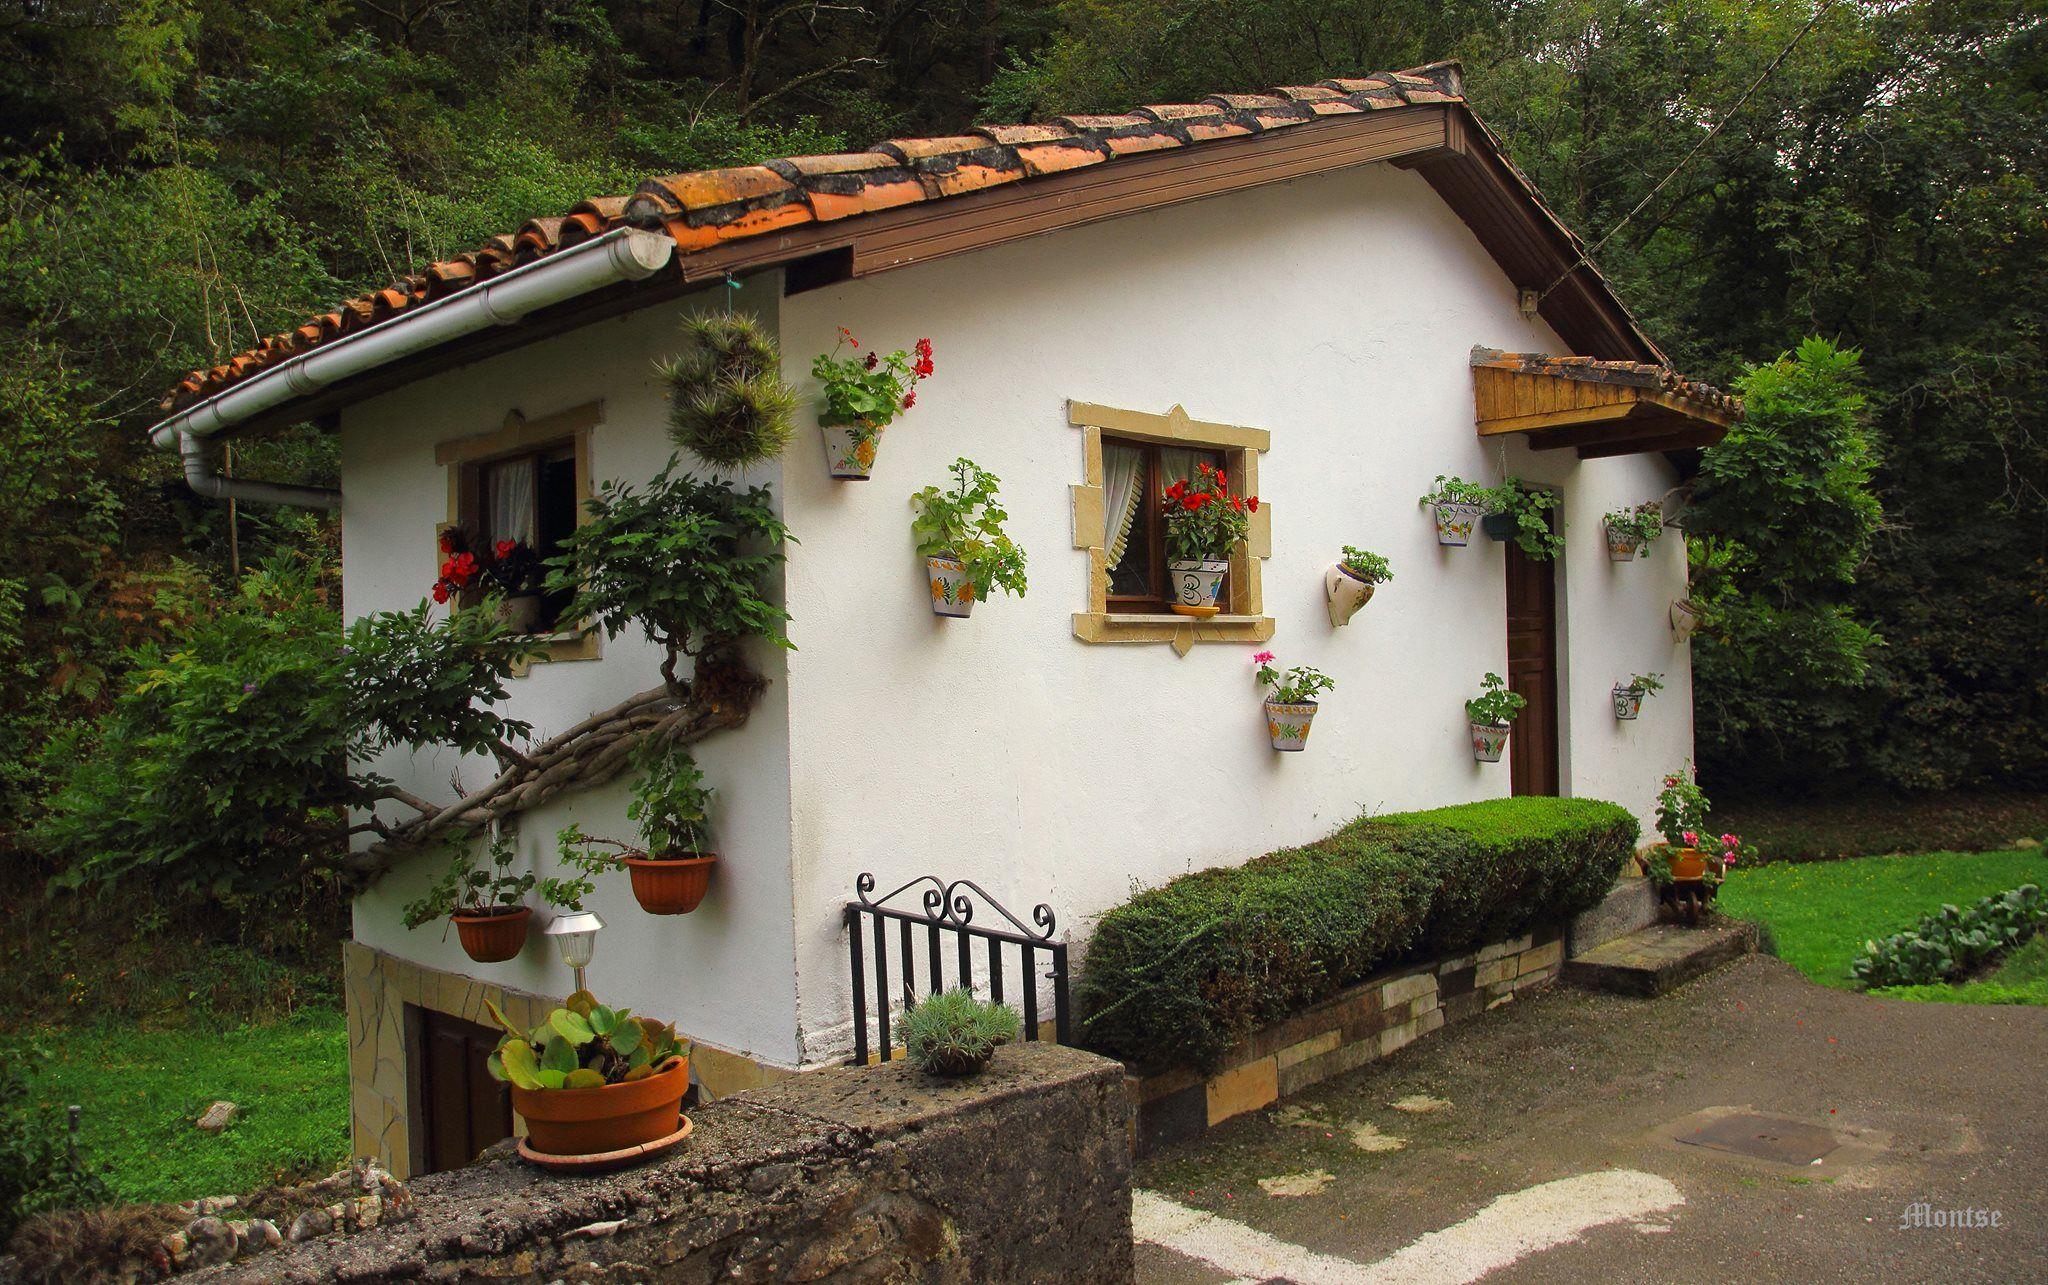 Casas Pequenas Casas De Campo Casas De Campo Rusticas Casas De Campo Pequenas